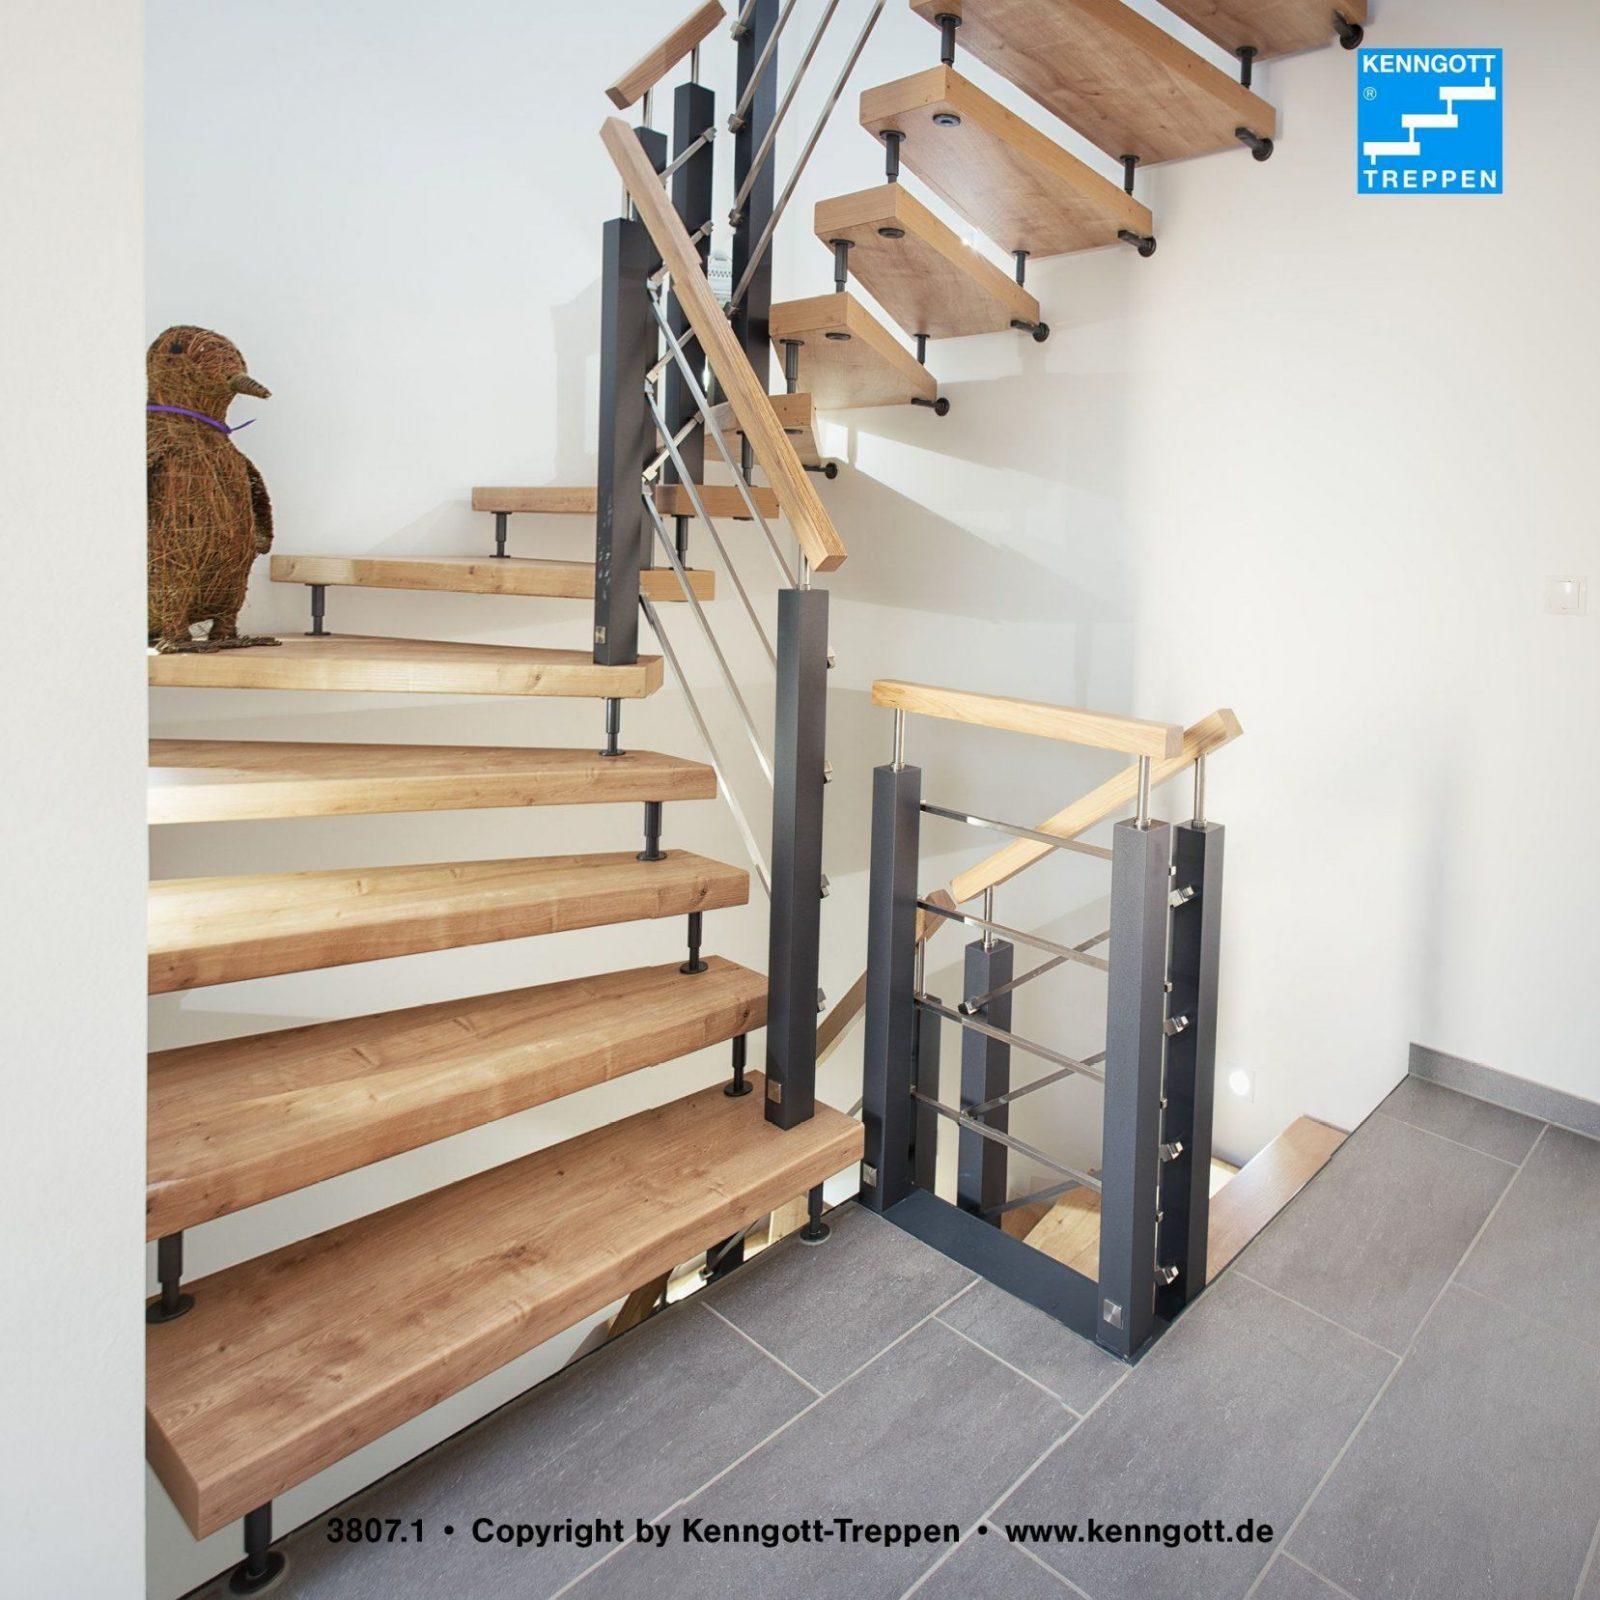 Wohnqualität Freitragende Kenngotttreppe Mit Asteiche Longlife von Freitragende Treppe Selber Bauen Bild